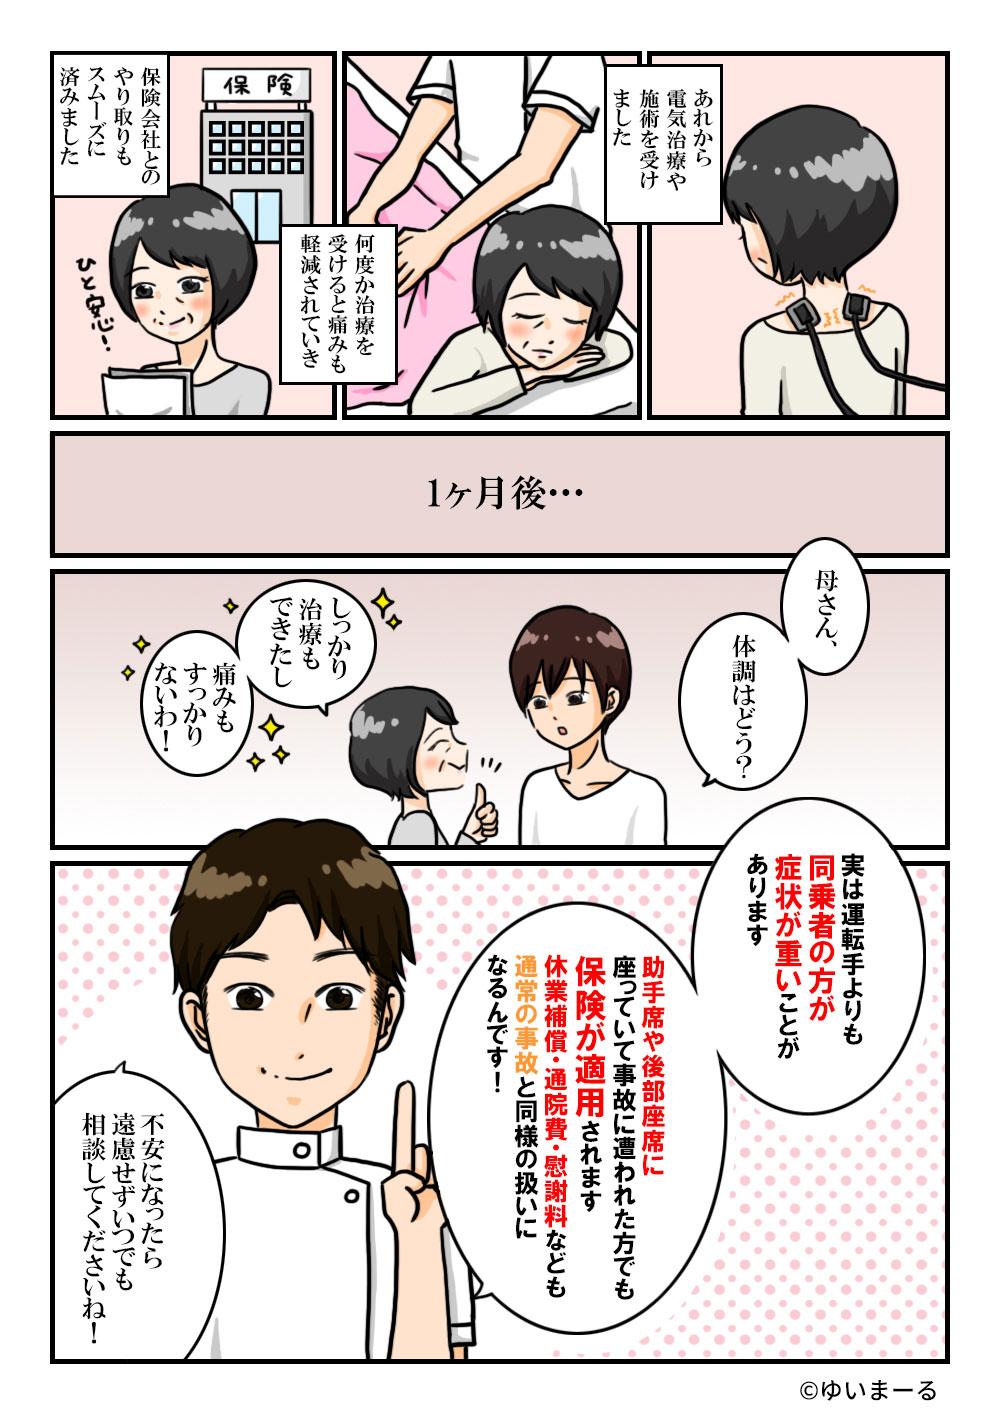 漫画3-5